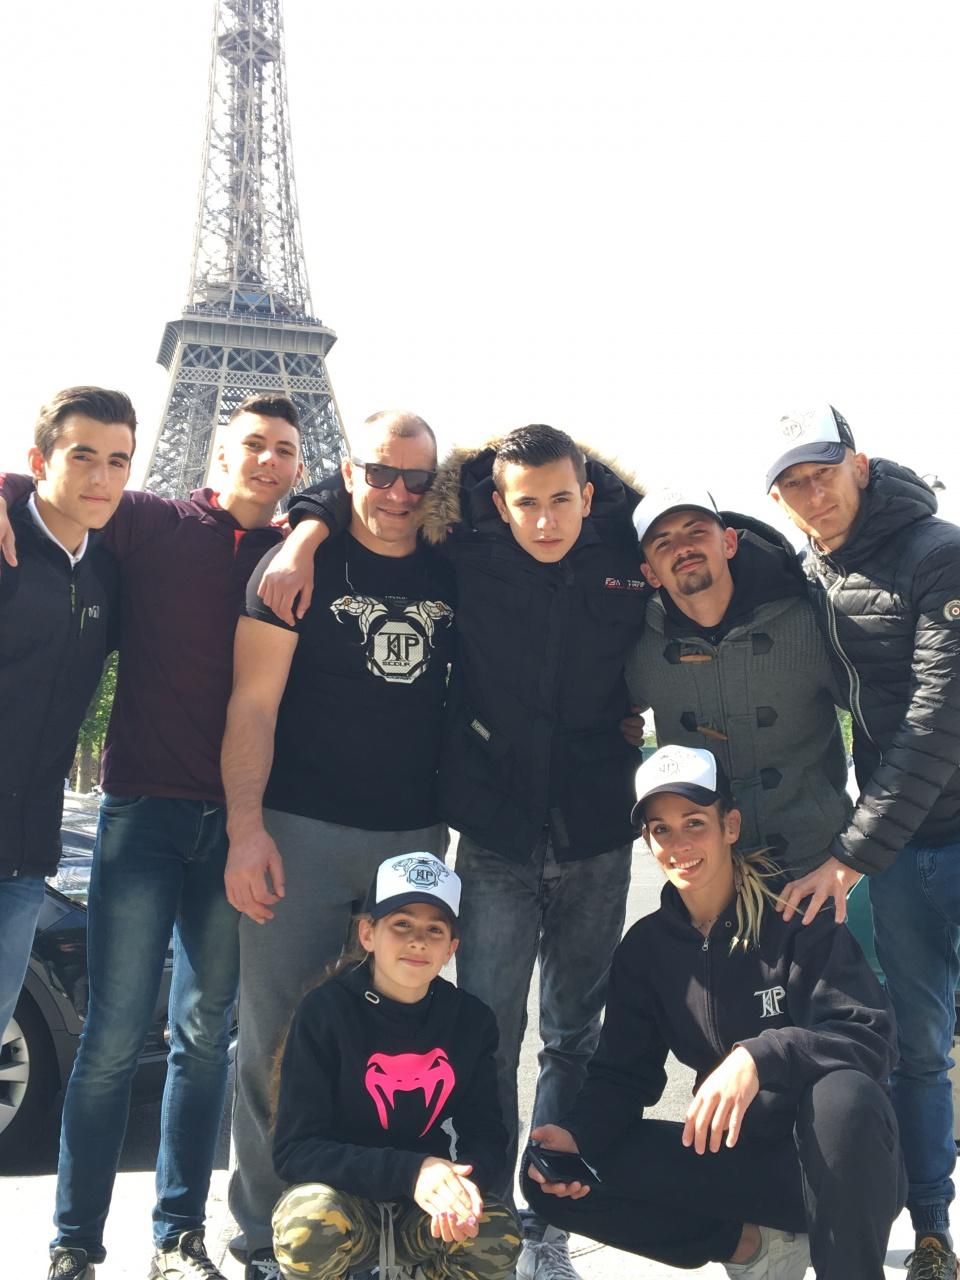 KTP Scola à Paris